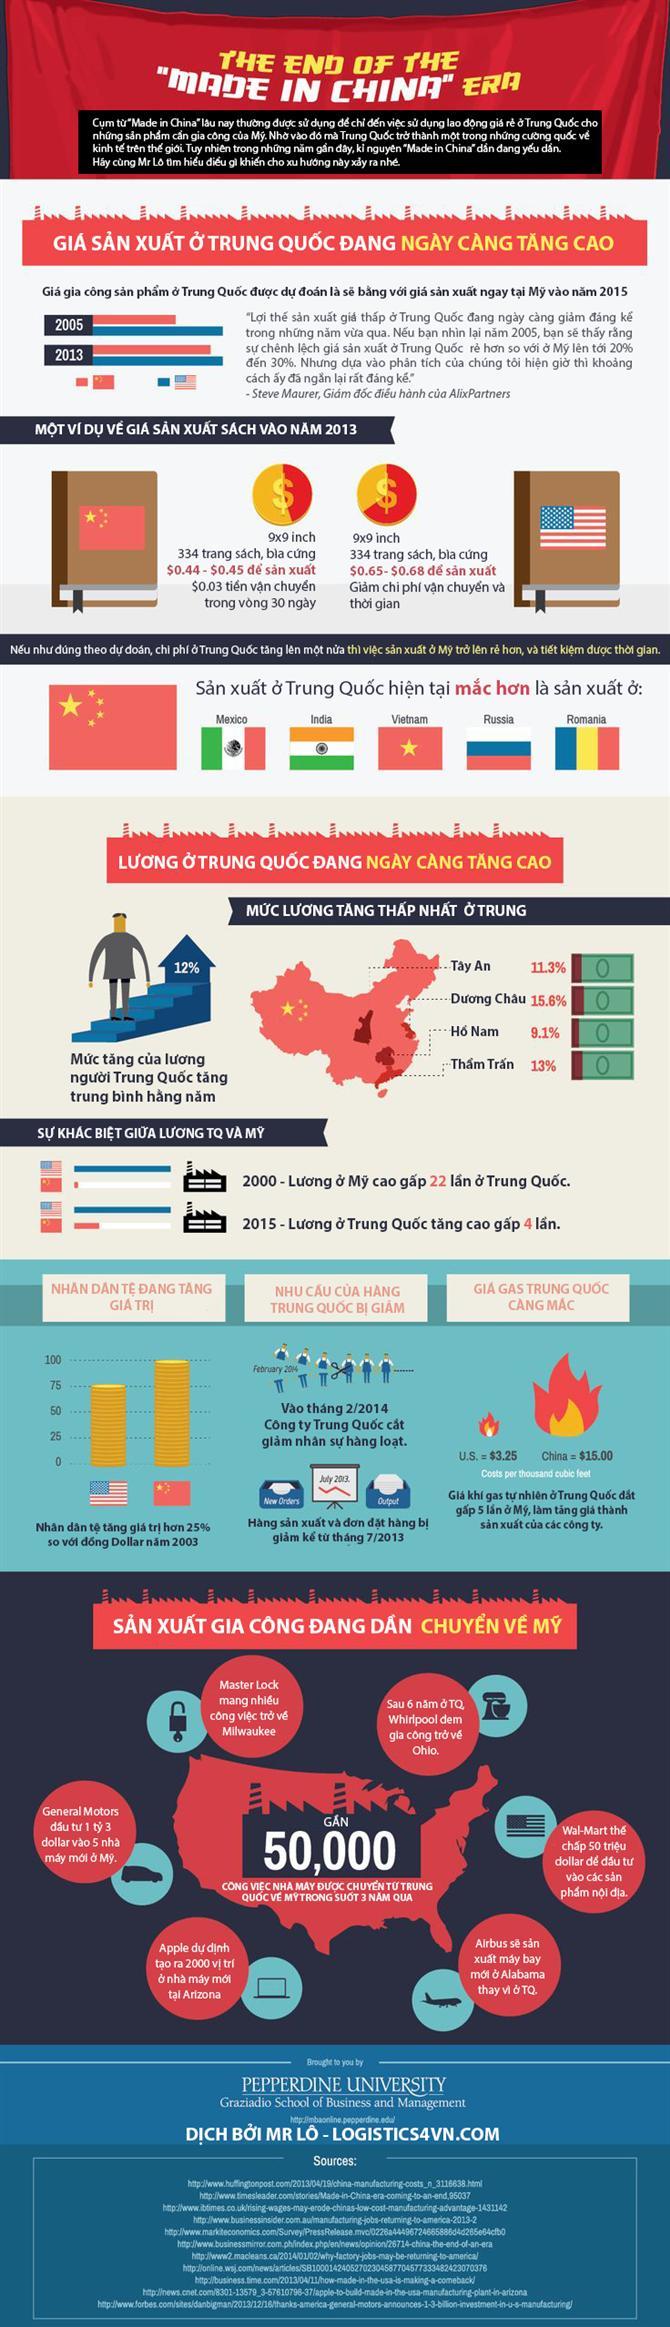 Kỷ nguyên Made in China đã kết thúc - logistics4vn